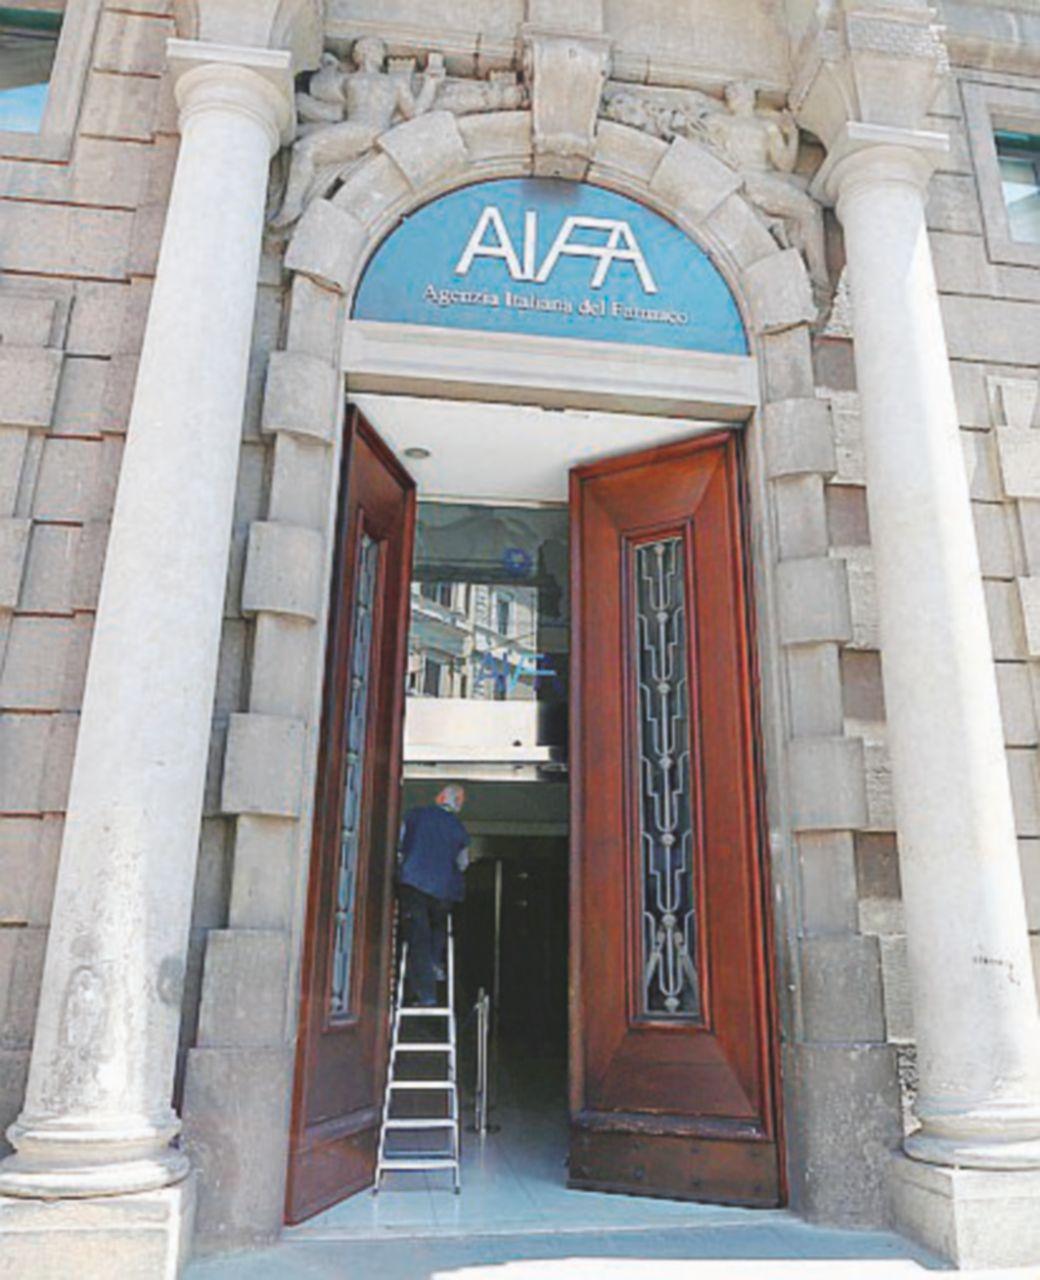 AIFA sospende l'autorizzazione all'utilizzo di idrossiclorochina per il trattamento del COVID-19 al di fuori degli studi clinici